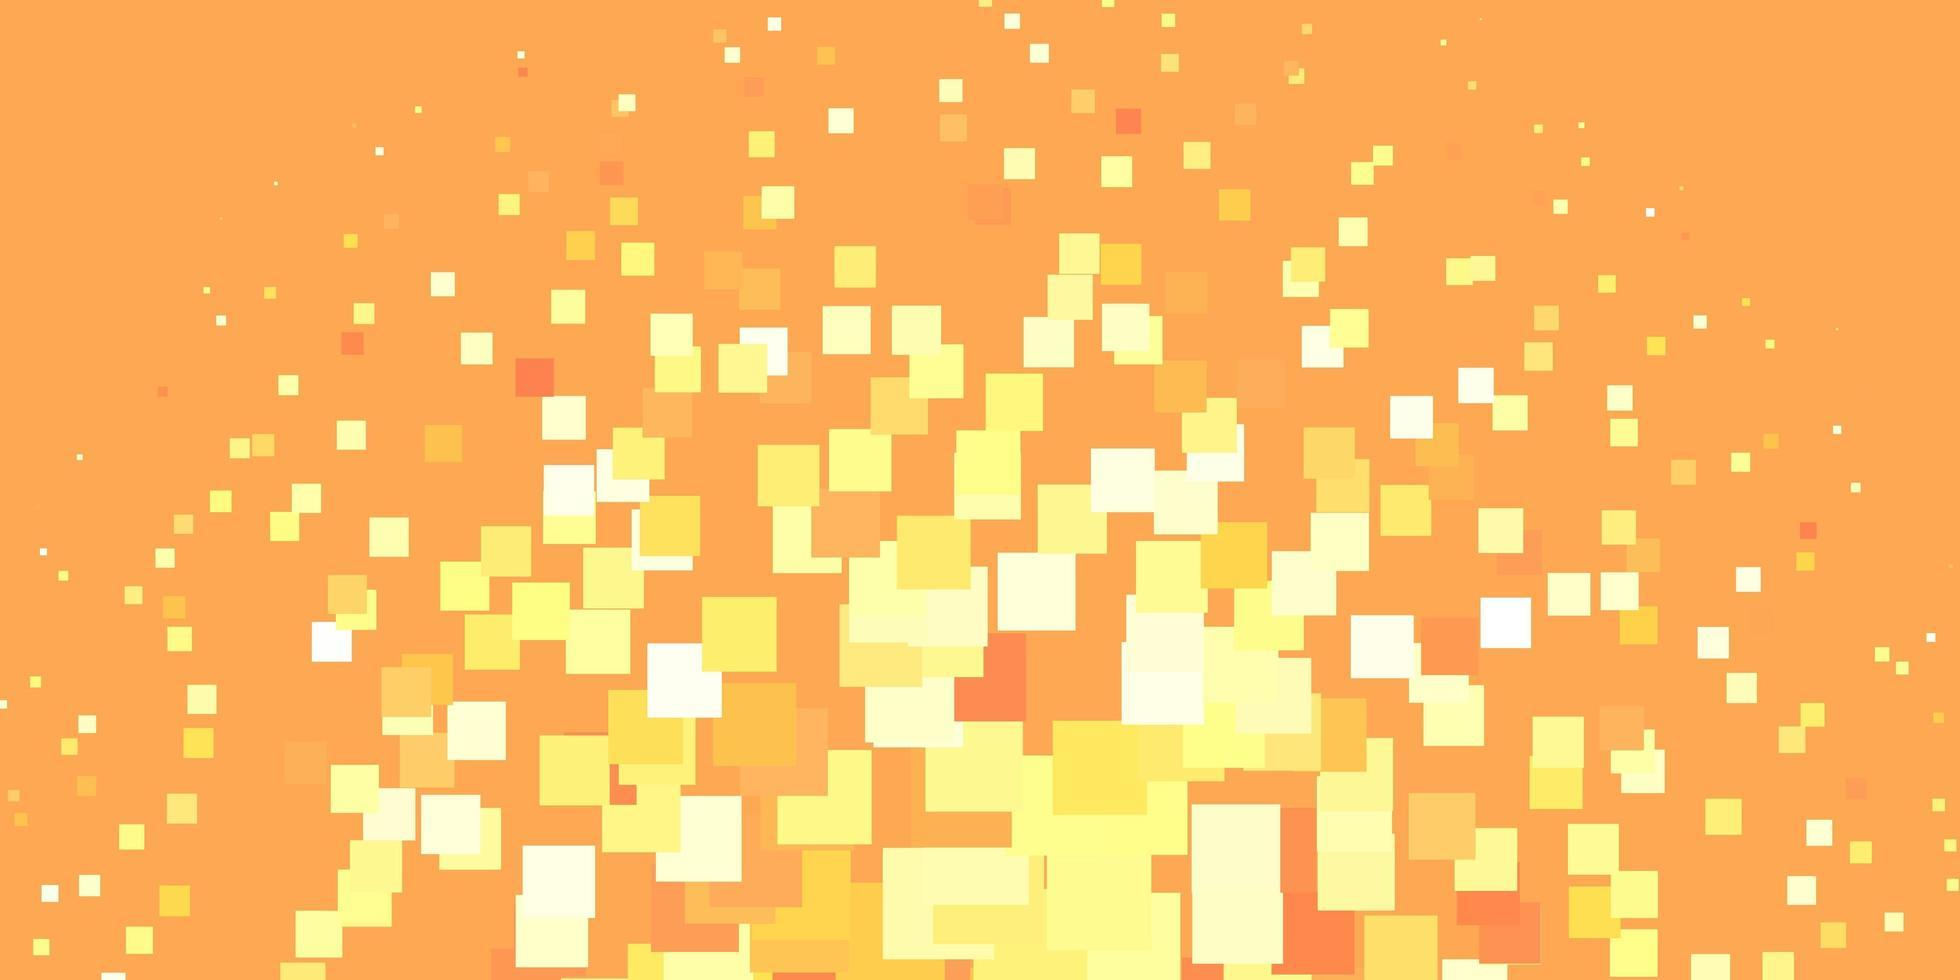 sfondo arancione e giallo con rettangoli. vettore